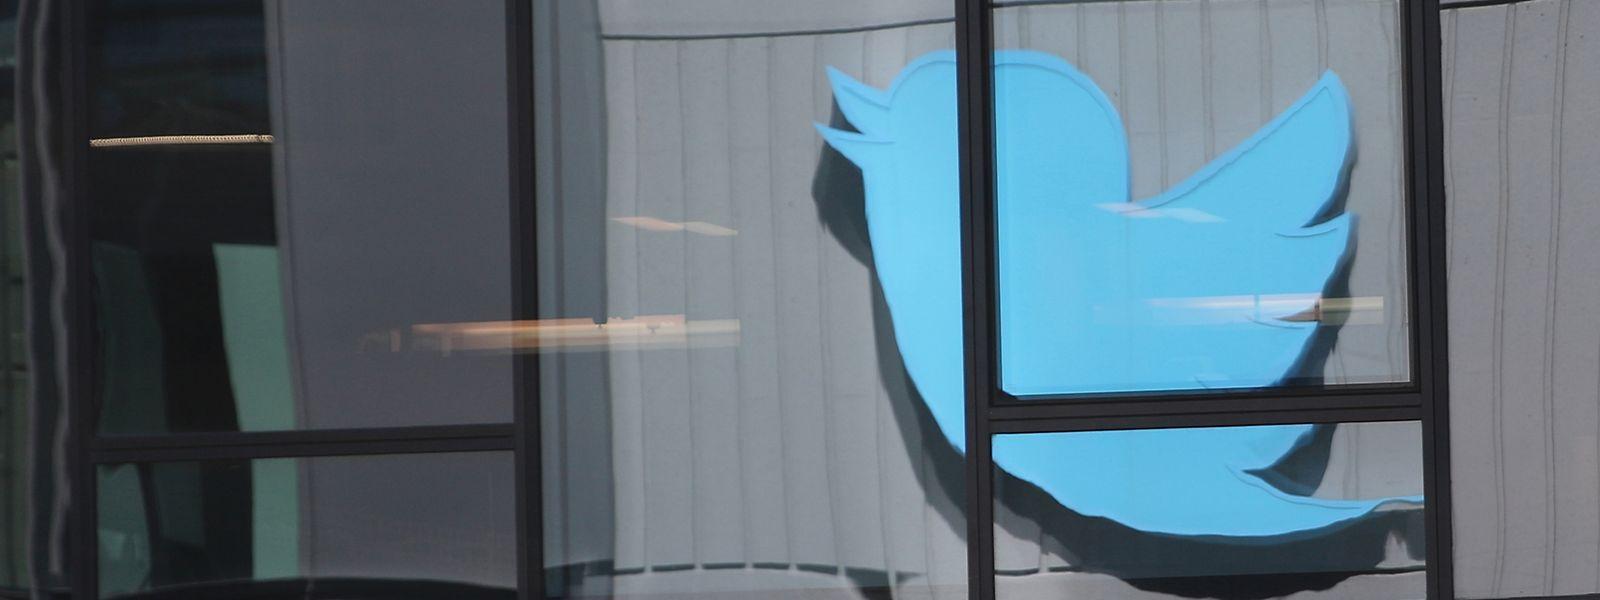 San Francisco: Das Logo des Kurznachrichtendienstes Twitter spiegelt sich in einer Fensterfassade.